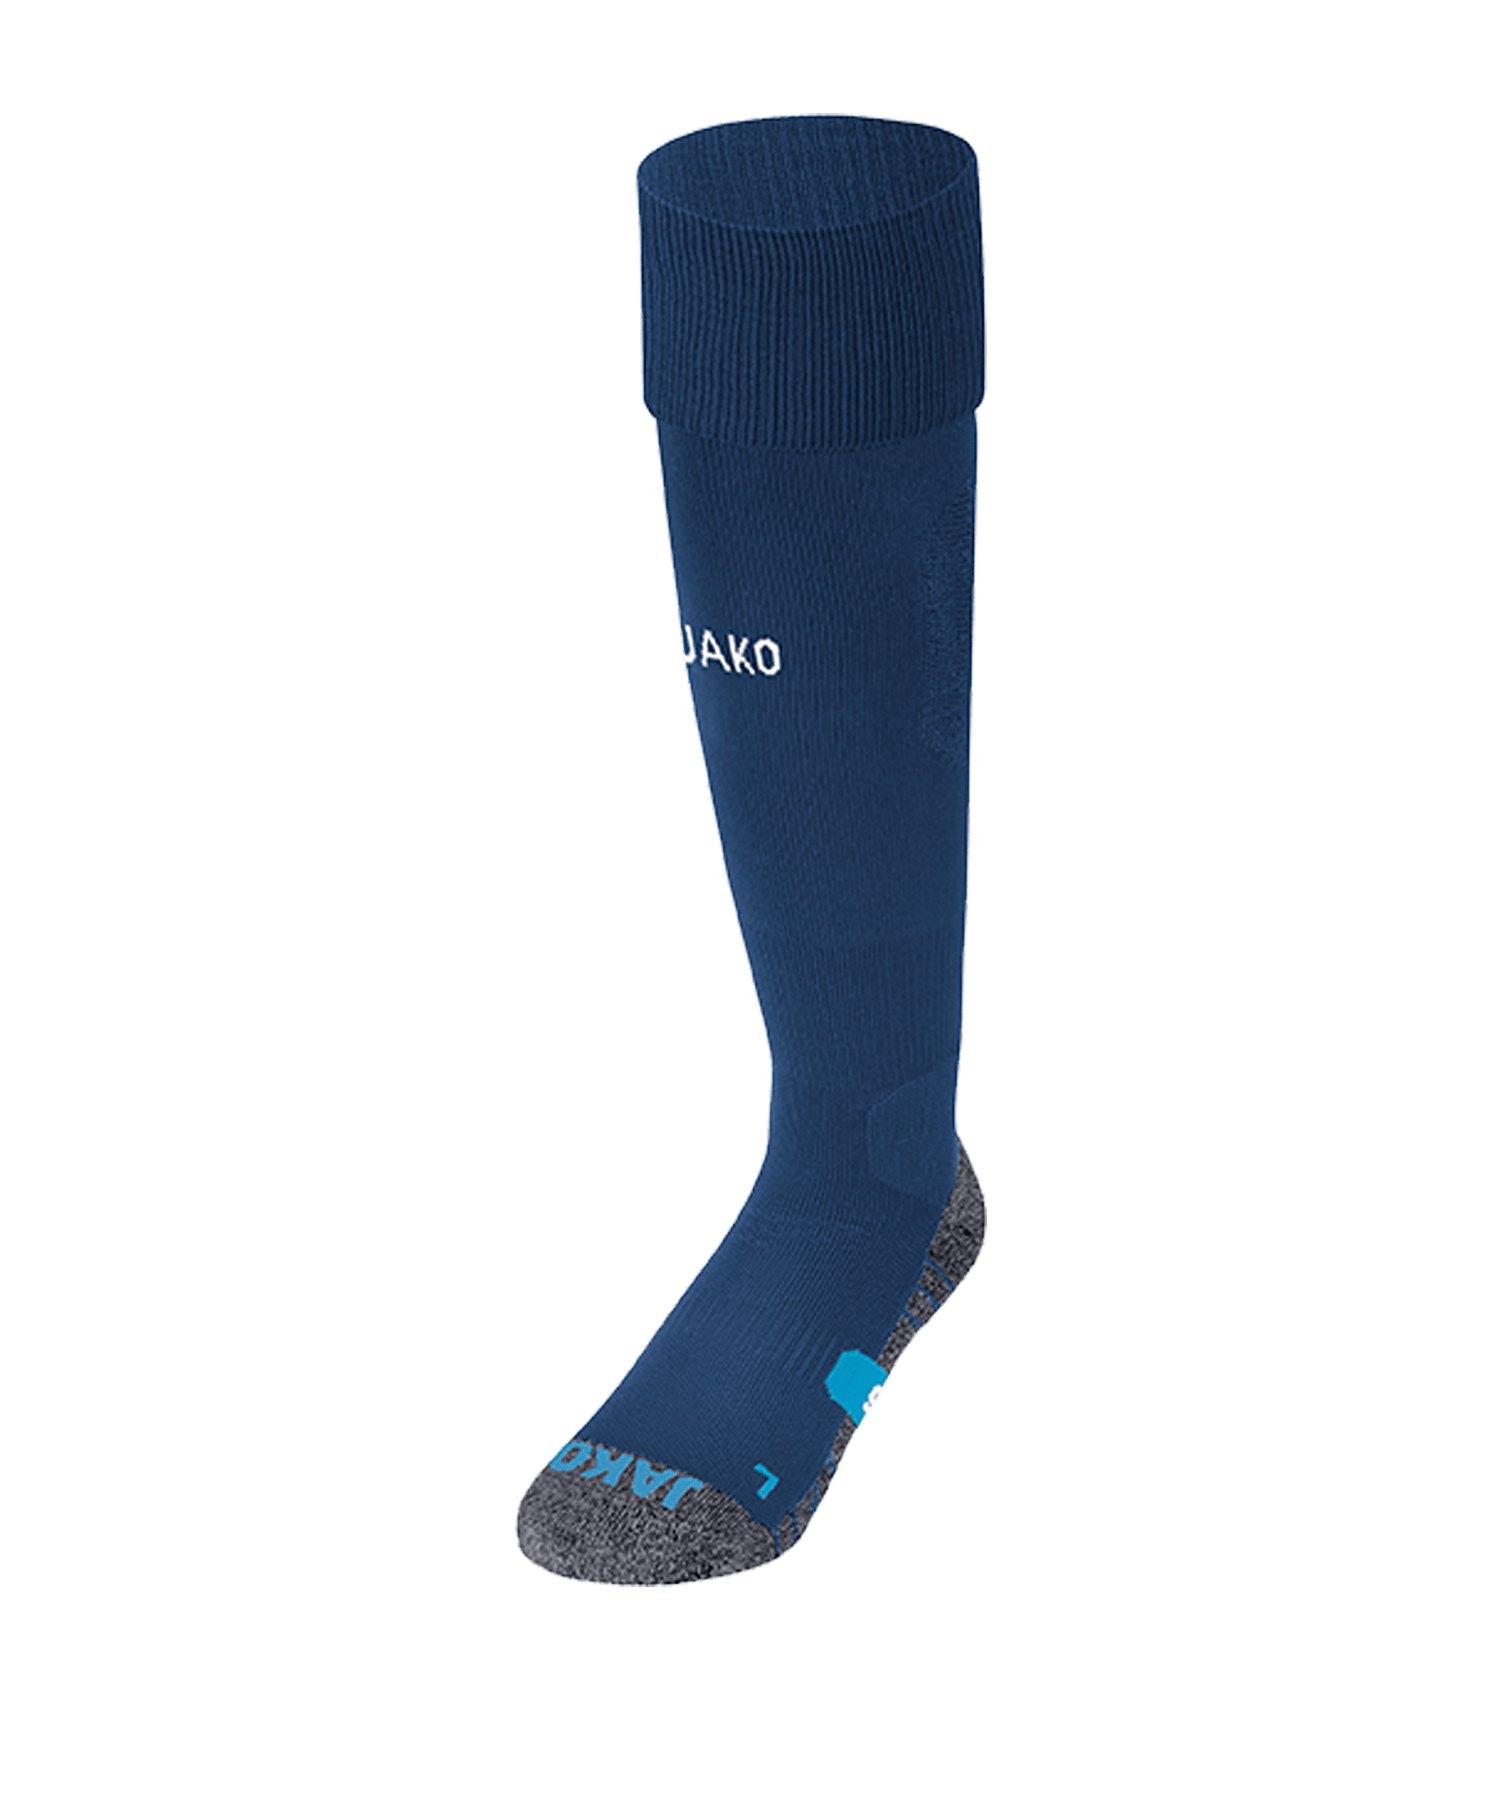 JAKO Premium Stutzenstrumpf Blau F09 - blau